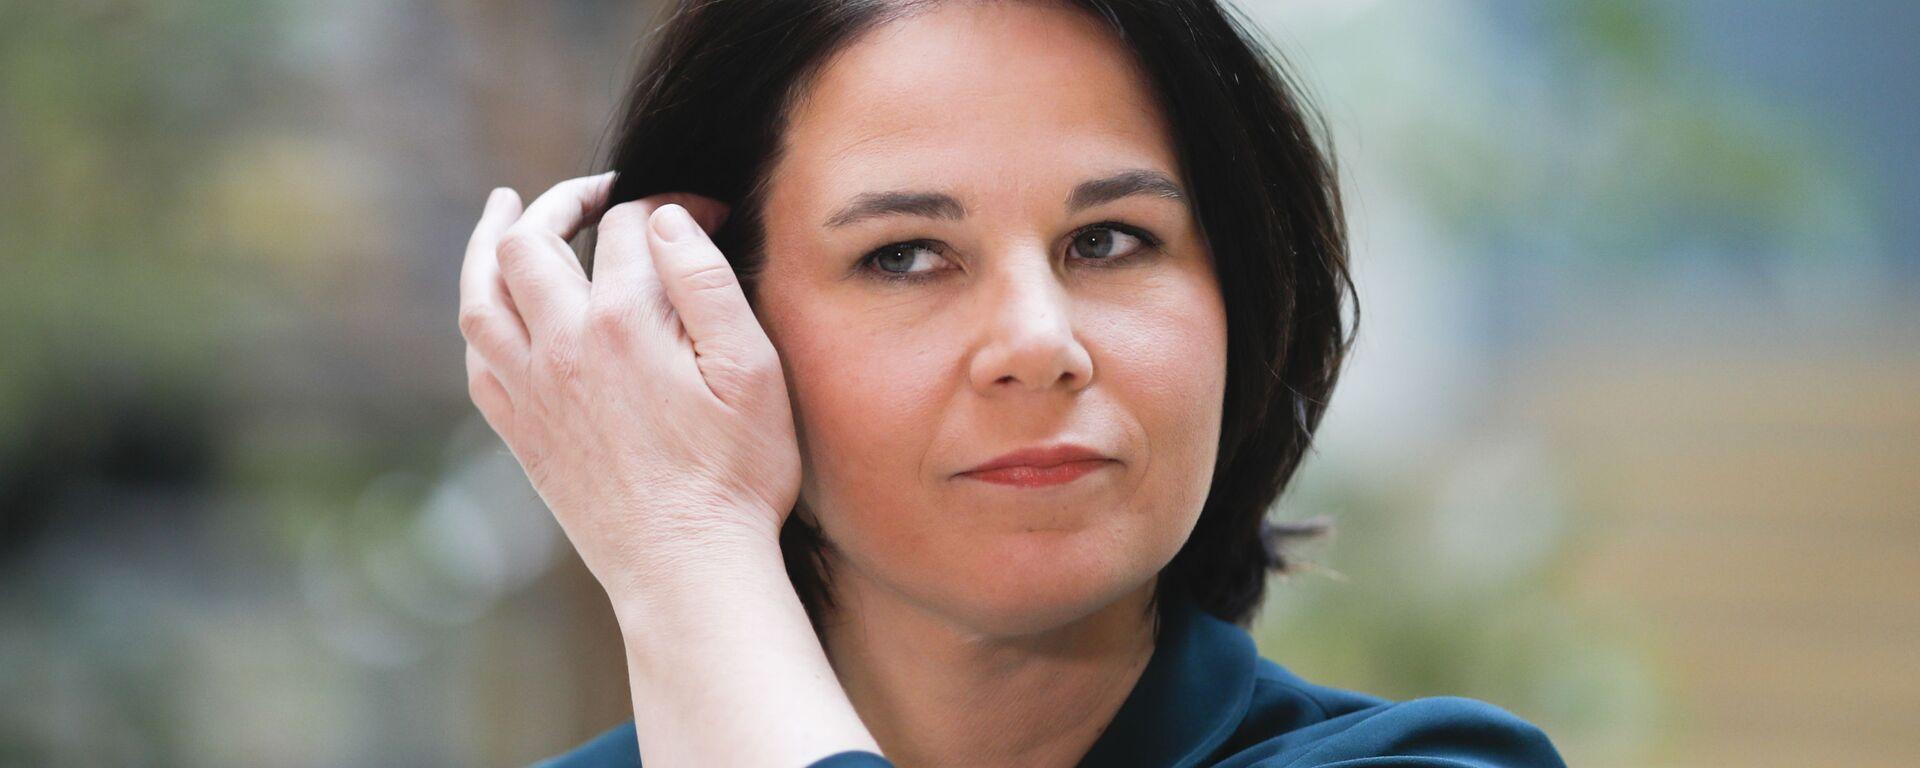 Кандидат на пост канцлера Германии от партии Зеленые Анналена Бербок - Sputnik Узбекистан, 1920, 30.07.2021